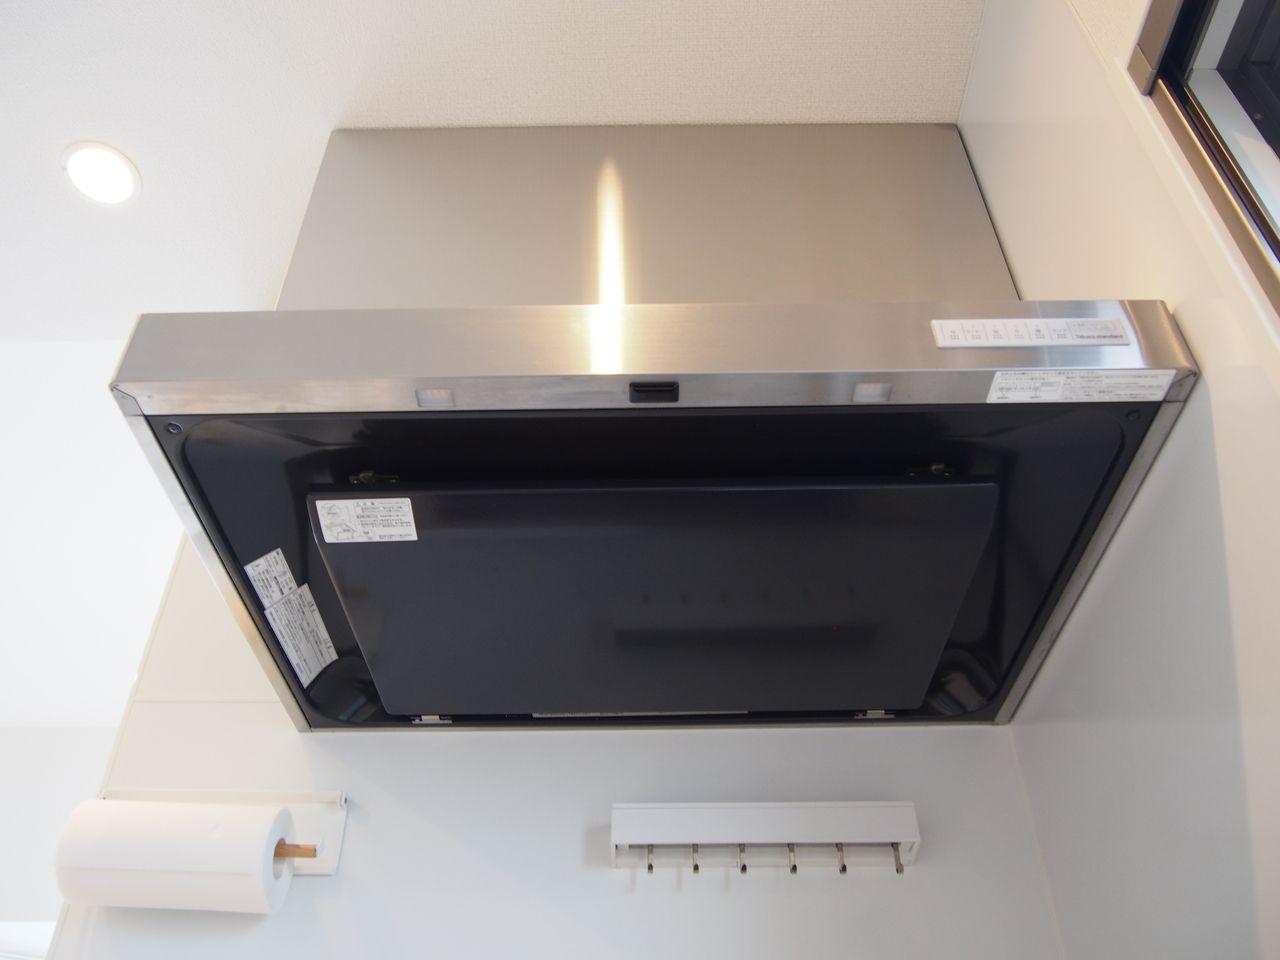 清流版にホーローを採用したレンジフード。油汚れなどがつきにくく、日々のお手入れはフラットな整流板を拭くだけでよくお手入れが簡単です。キッチンパネルもホーローです。ホーローは、マグネットが付くので、キッチンの壁一面にマグネット収納ができます。マグネットなら、取り付けや取り外しが簡単。壁に穴を開けなくて良いのも嬉しいポイント。油汚れが落ちるから、油性ペンも水拭きでキレイに。油ハネや水ハネで汚れやすい場所だからこそ、拭き掃除が楽なのはうれしい!